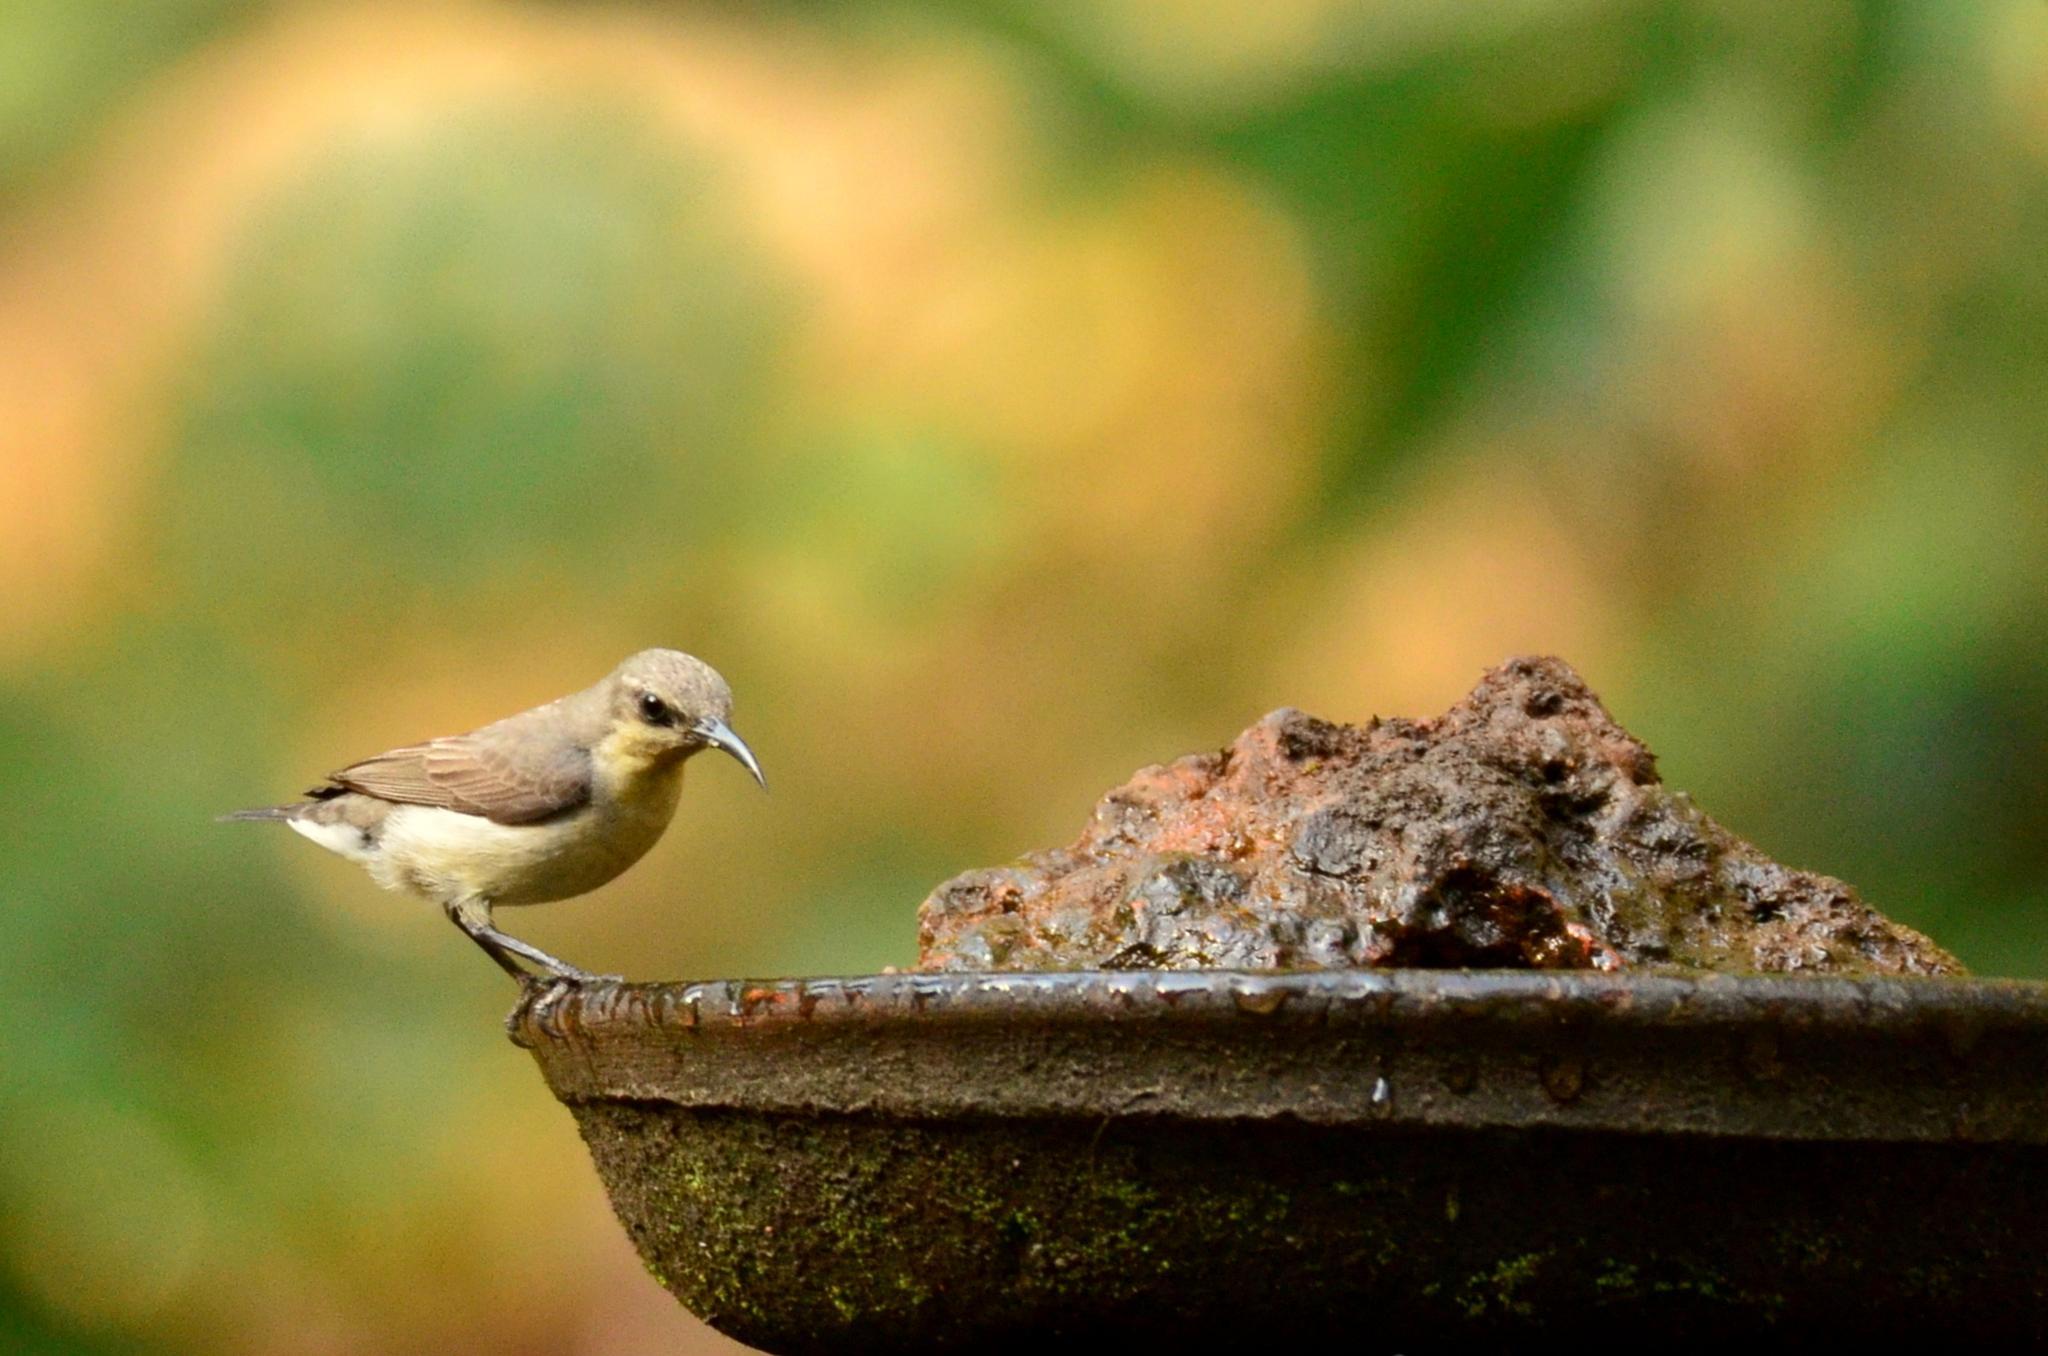 Sunbird at the bathtub... by sriramshankars